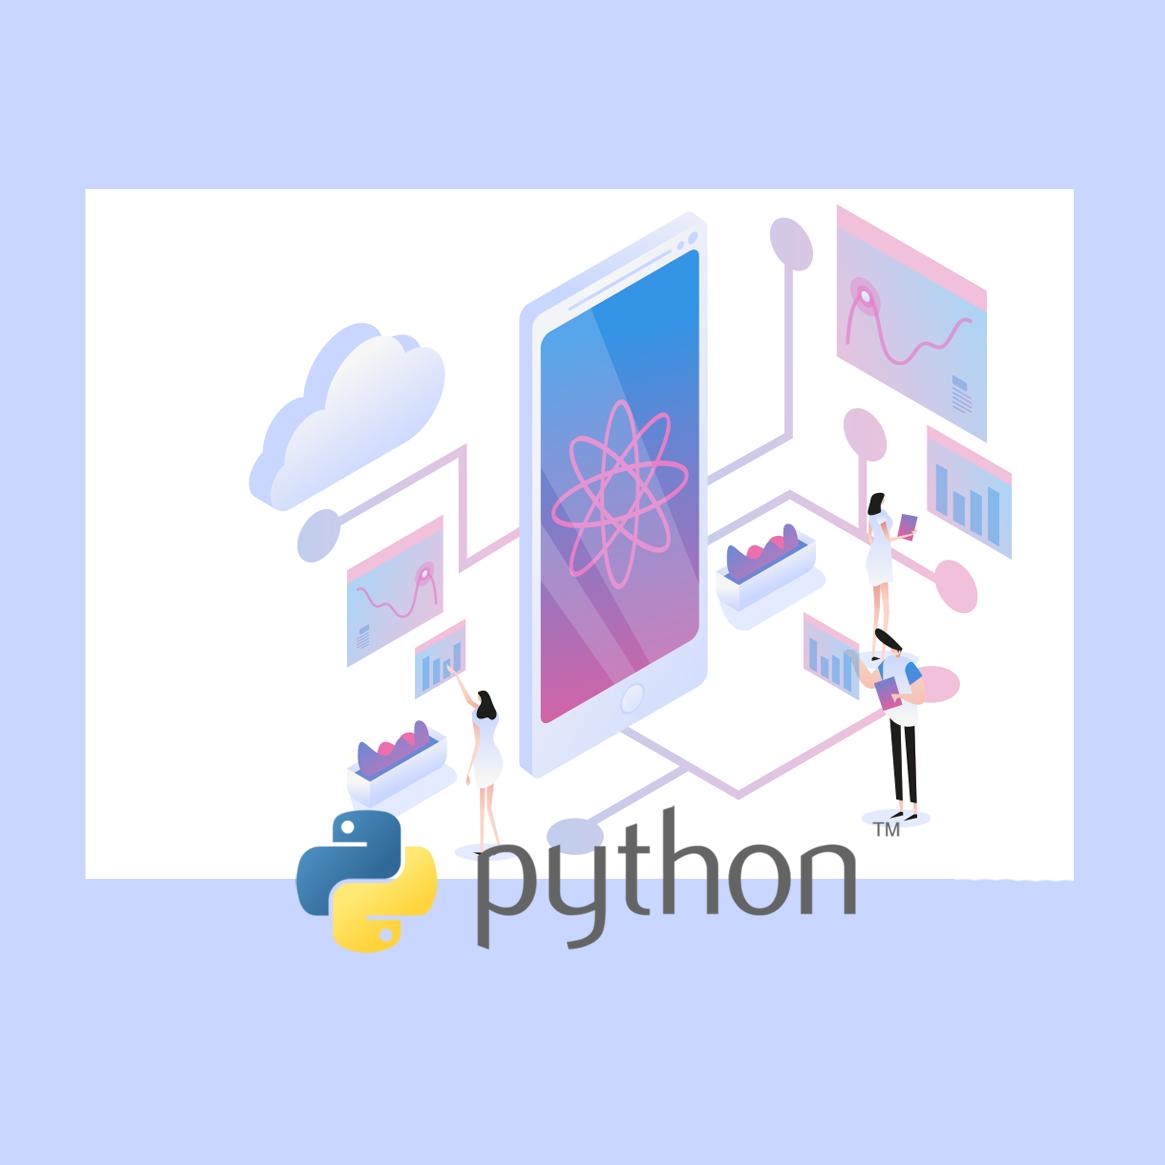 Corso in Programmazione Python Tivoli Forma Academy - data science